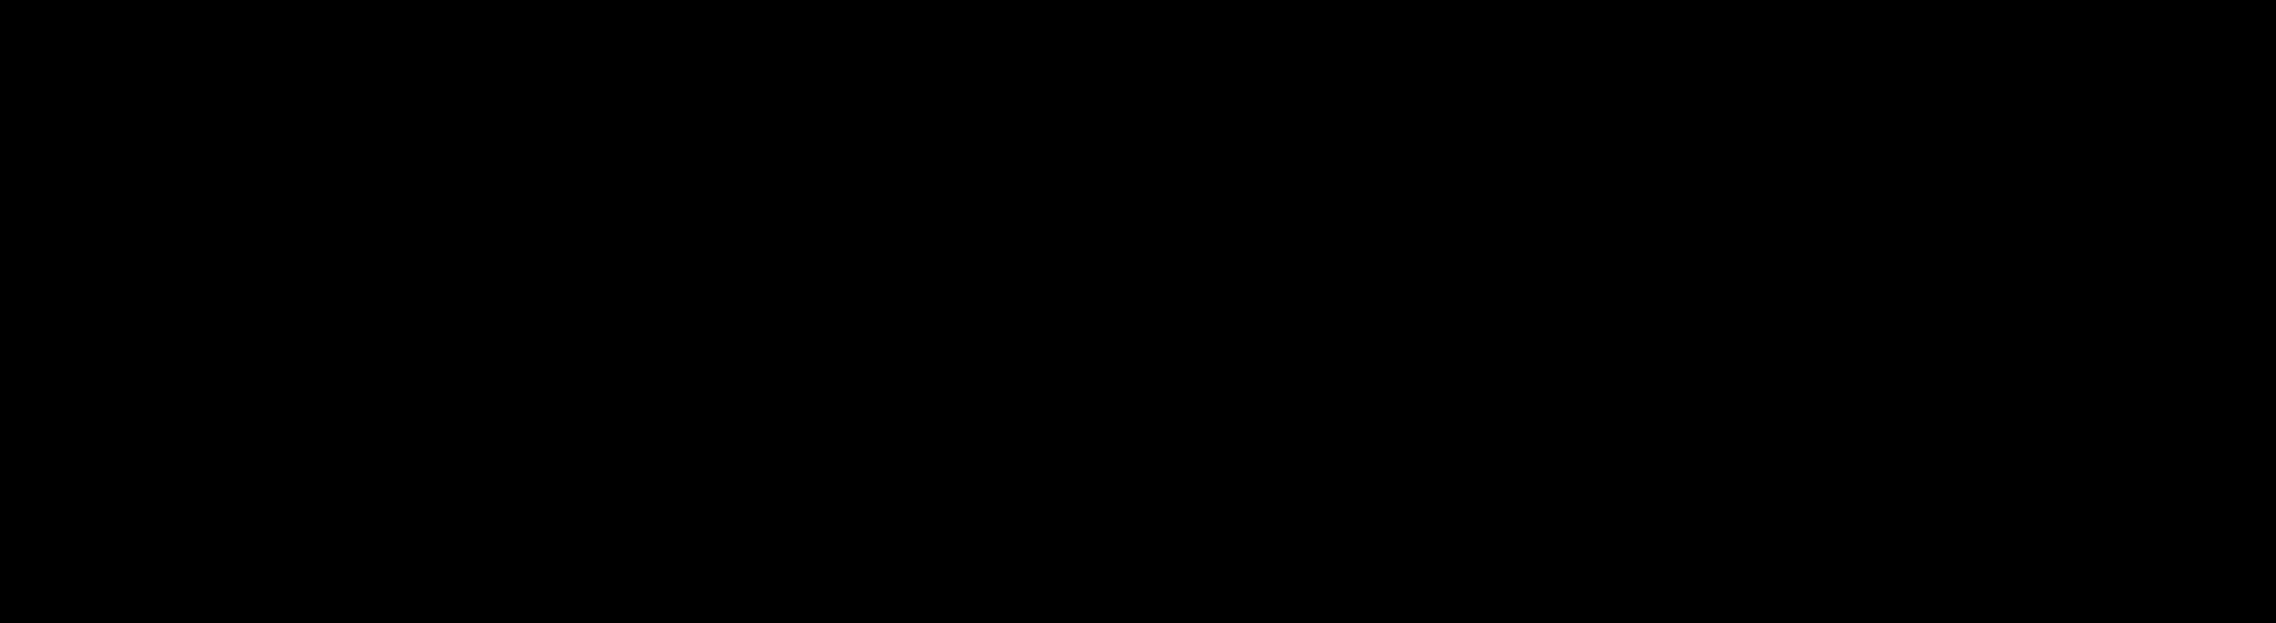 Diethyl (12-bromododecyl)phosphonate